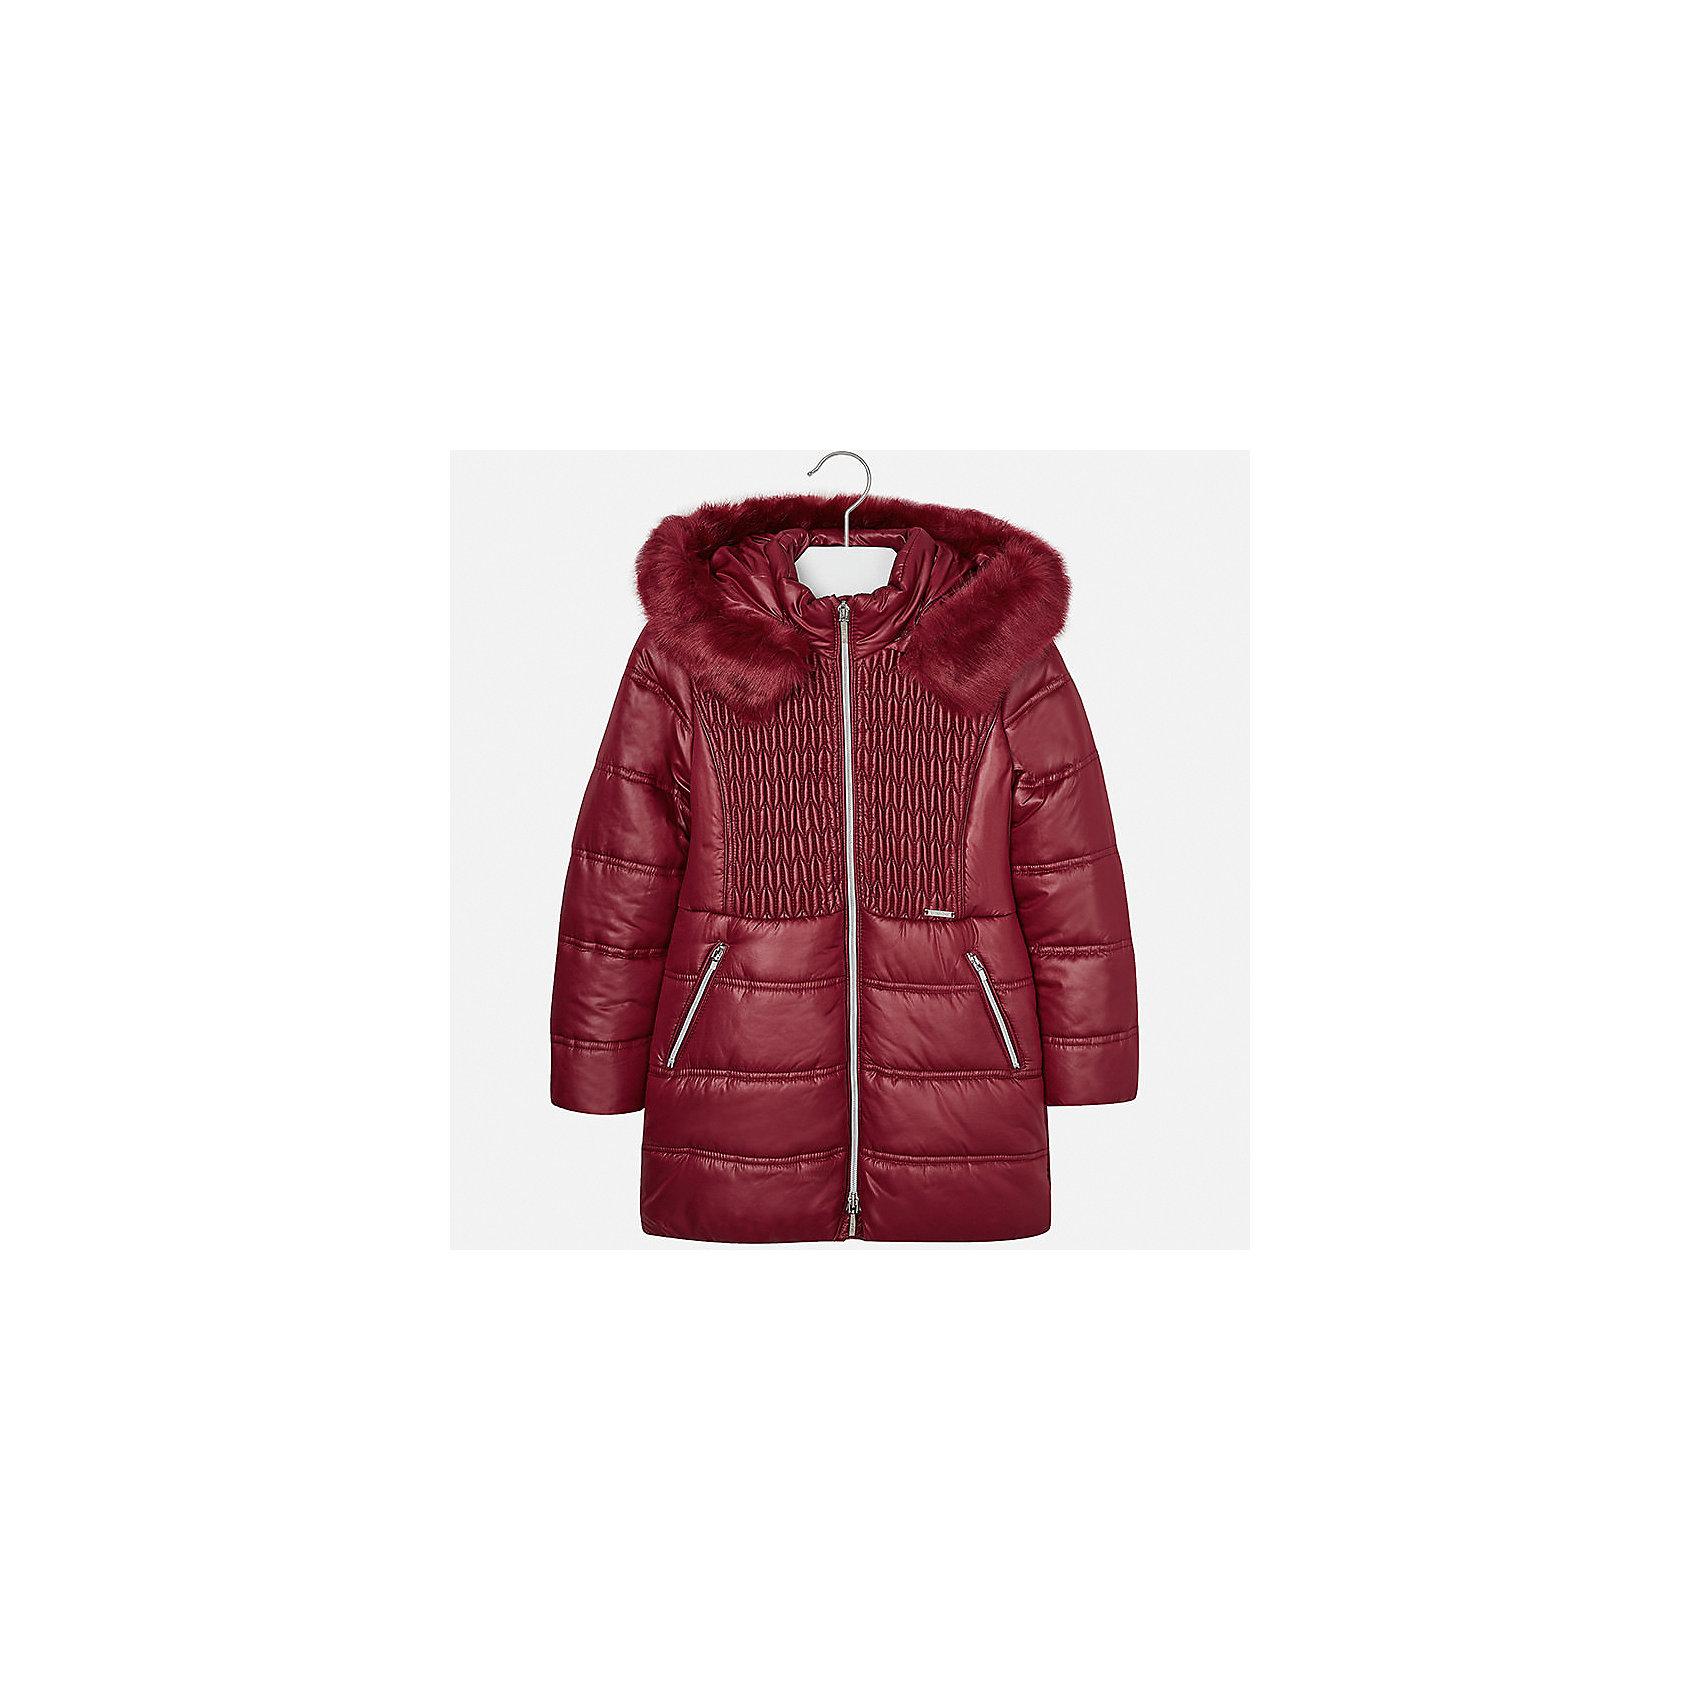 Куртка для девочки MayoralВерхняя одежда<br>Характеристики товара:<br><br>• цвет: красный<br>• состав ткани: 100% полиэстер, подклад - 100% полиэстер, утеплитель - 100% полиэстер<br>• застежка: молния<br>• длинные рукава<br>• сезон: зима<br>• температурный режим: от 0 до -10<br>• страна бренда: Испания<br>• страна изготовитель: Индия<br><br>Такая утепленная куртка поможет сделать образ стильным и оригинальным. Куртка с отделкой из искусственного меха соответствует новейшим тенденциям молодежной моды. <br><br>В одежде от испанской компании Майорал ребенок будет выглядеть модно, а чувствовать себя - комфортно. Целая команда европейских талантливых дизайнеров работает над созданием стильных и оригинальных моделей одежды.<br><br>Куртку для девочки Mayoral (Майорал) можно купить в нашем интернет-магазине.<br><br>Ширина мм: 356<br>Глубина мм: 10<br>Высота мм: 245<br>Вес г: 519<br>Цвет: красный<br>Возраст от месяцев: 168<br>Возраст до месяцев: 180<br>Пол: Женский<br>Возраст: Детский<br>Размер: 170,128/134,140,152,158,164<br>SKU: 6922115